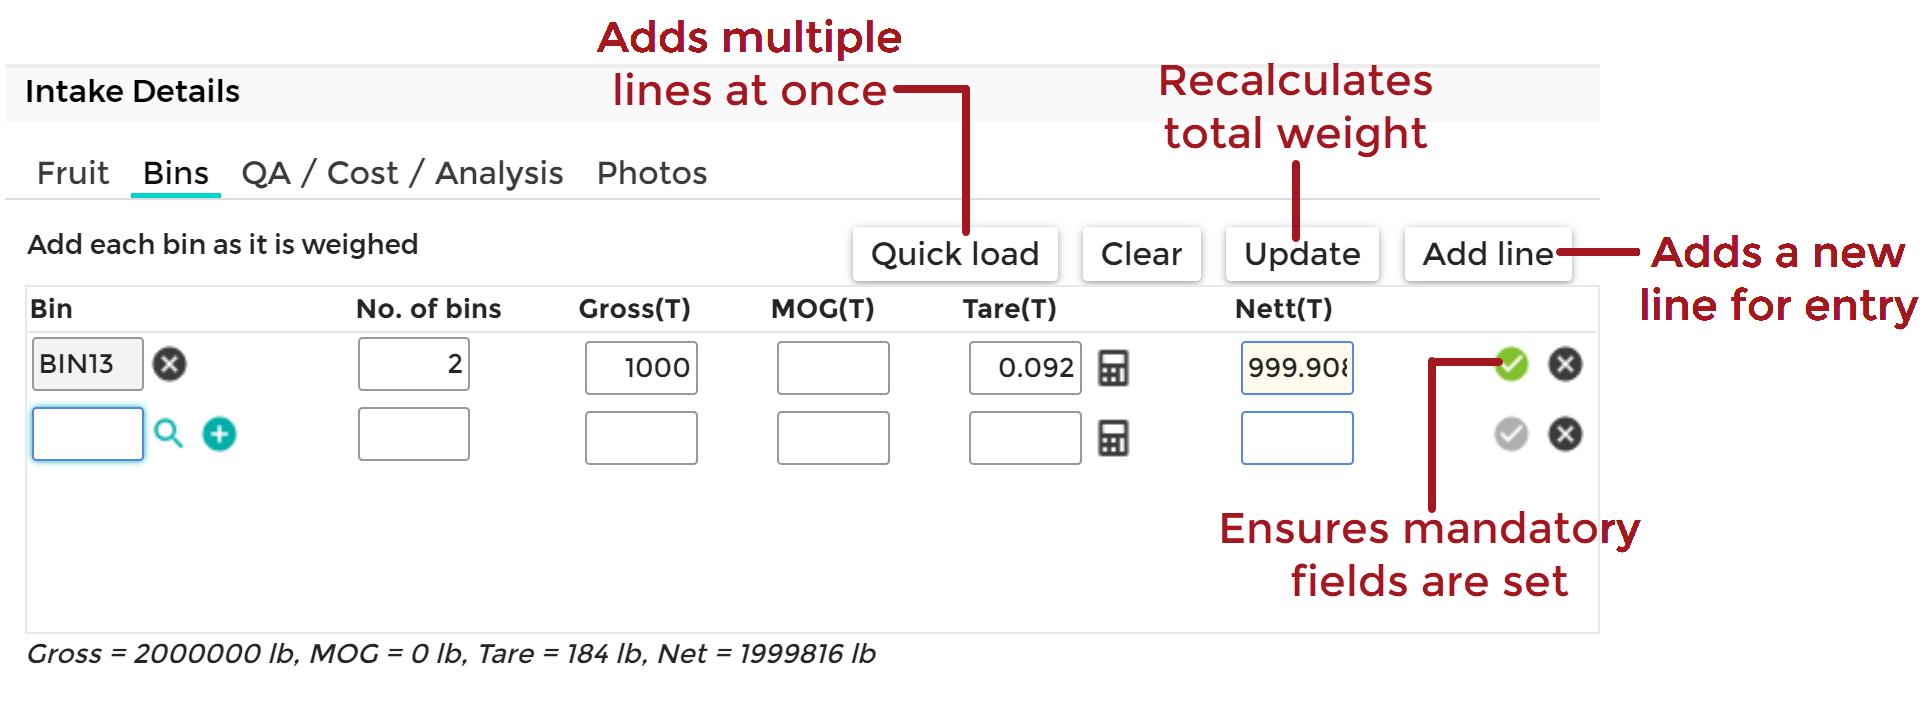 Intake_Details_-_Bins_20200408.png